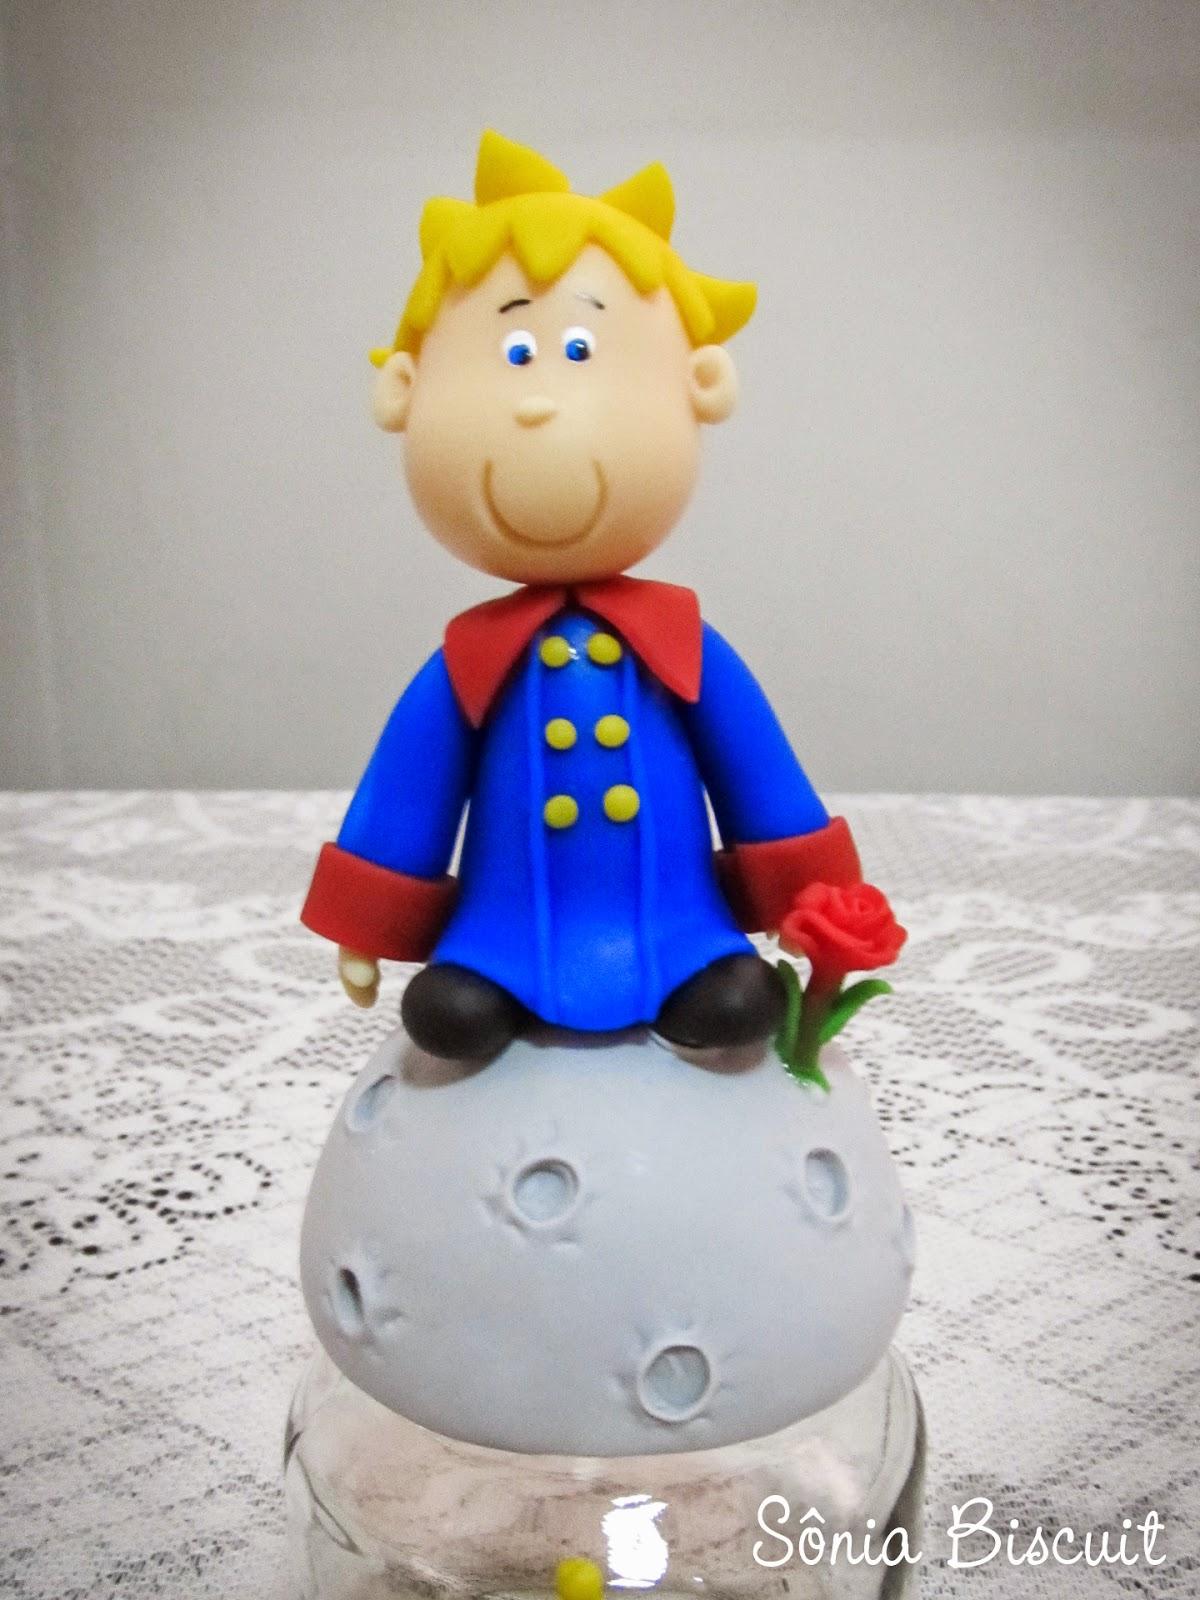 Pequeno Príncipe Biscuit Lembrancinha Potinho